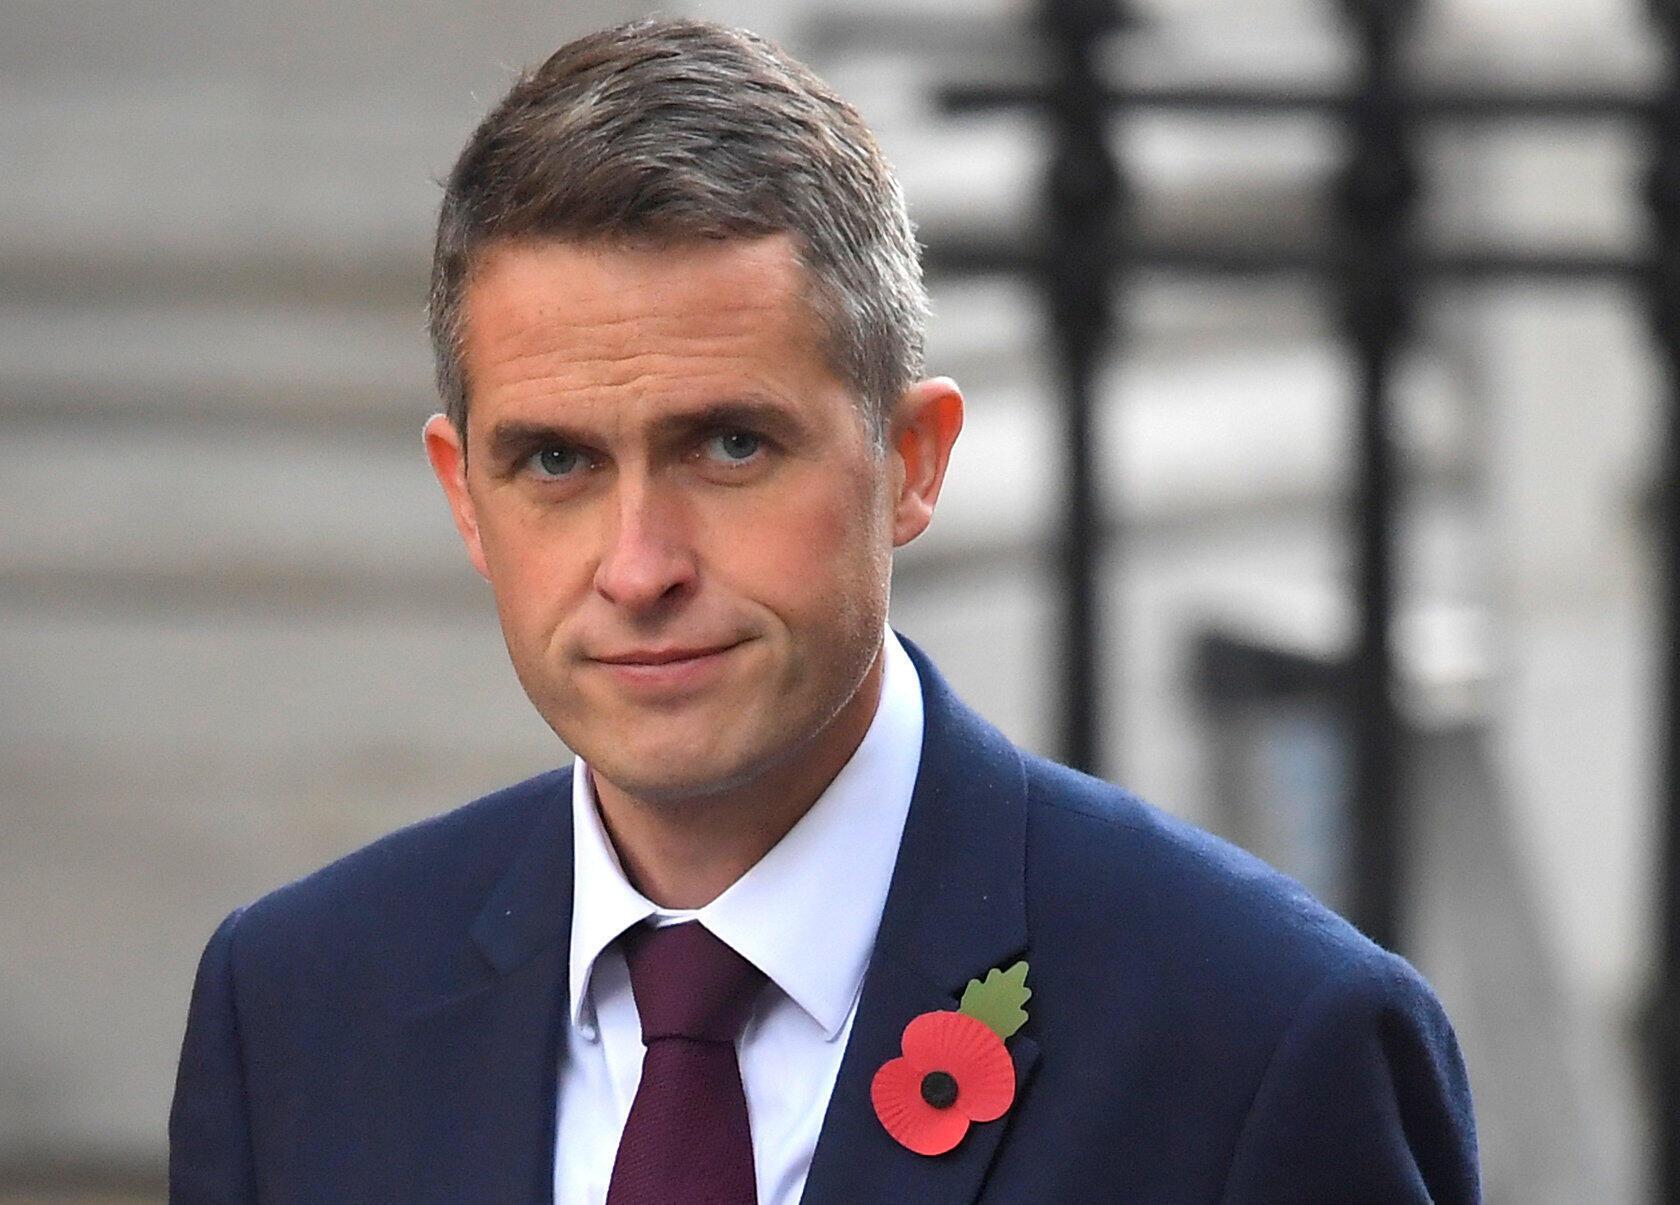 """""""گوین ویلیامسون"""" نماینده مجلس بریتانیا، به سمت وزیر دفاع این کشور منصوب شد. پنجشنبه ۱۱ آبان/ ٢ نوامبر ٢٠۱٧"""